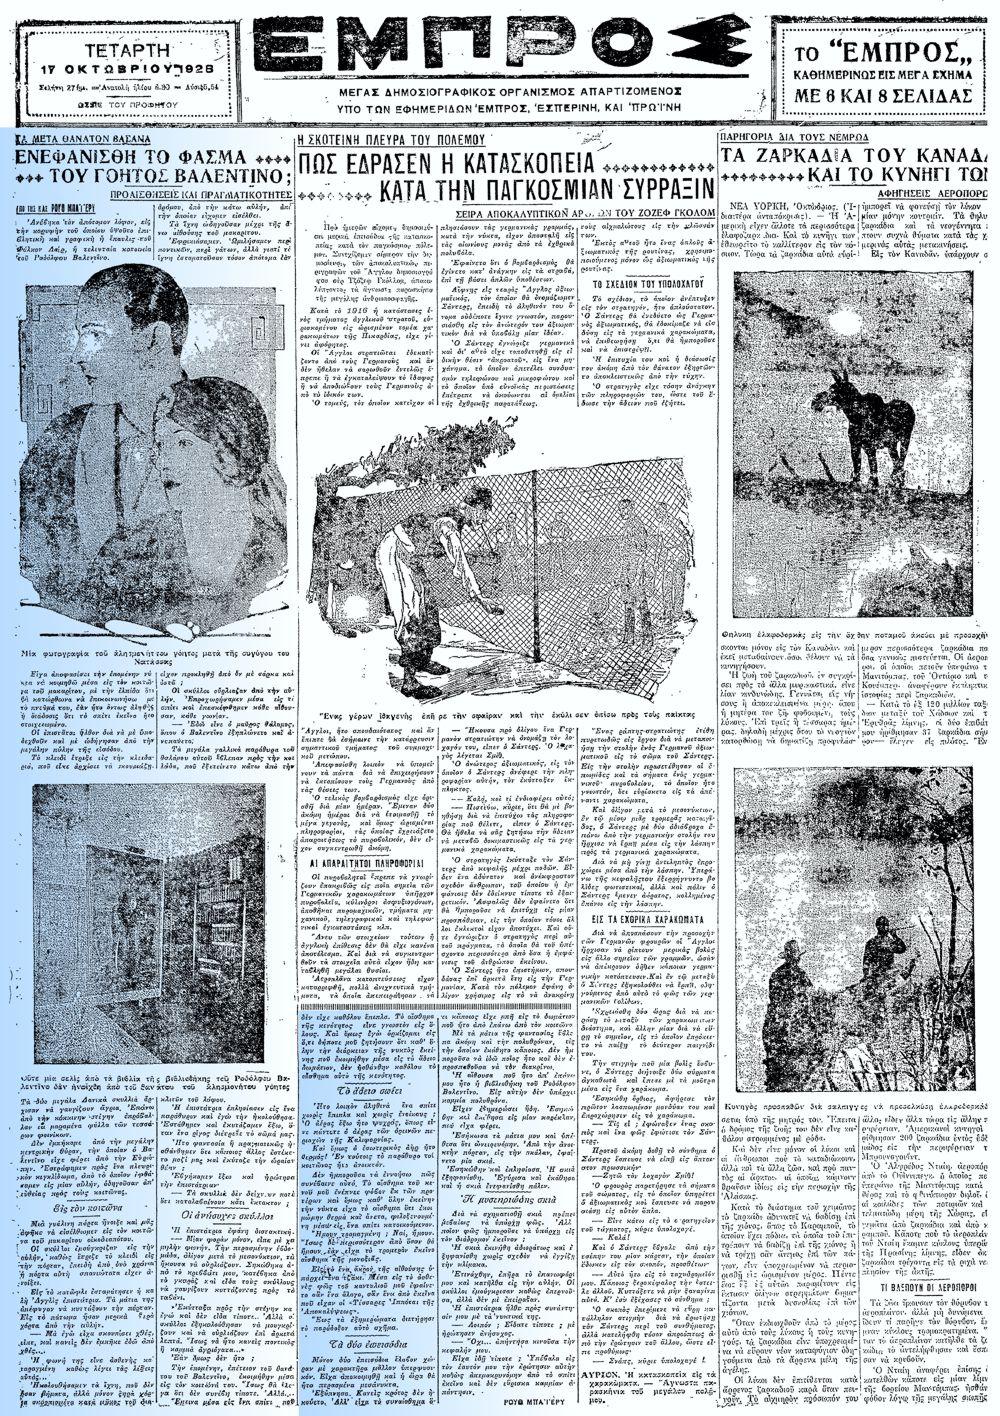 """Το άρθρο, όπως δημοσιεύθηκε στην εφημερίδα """"ΕΜΠΡΟΣ"""", στις 17/10/1928"""